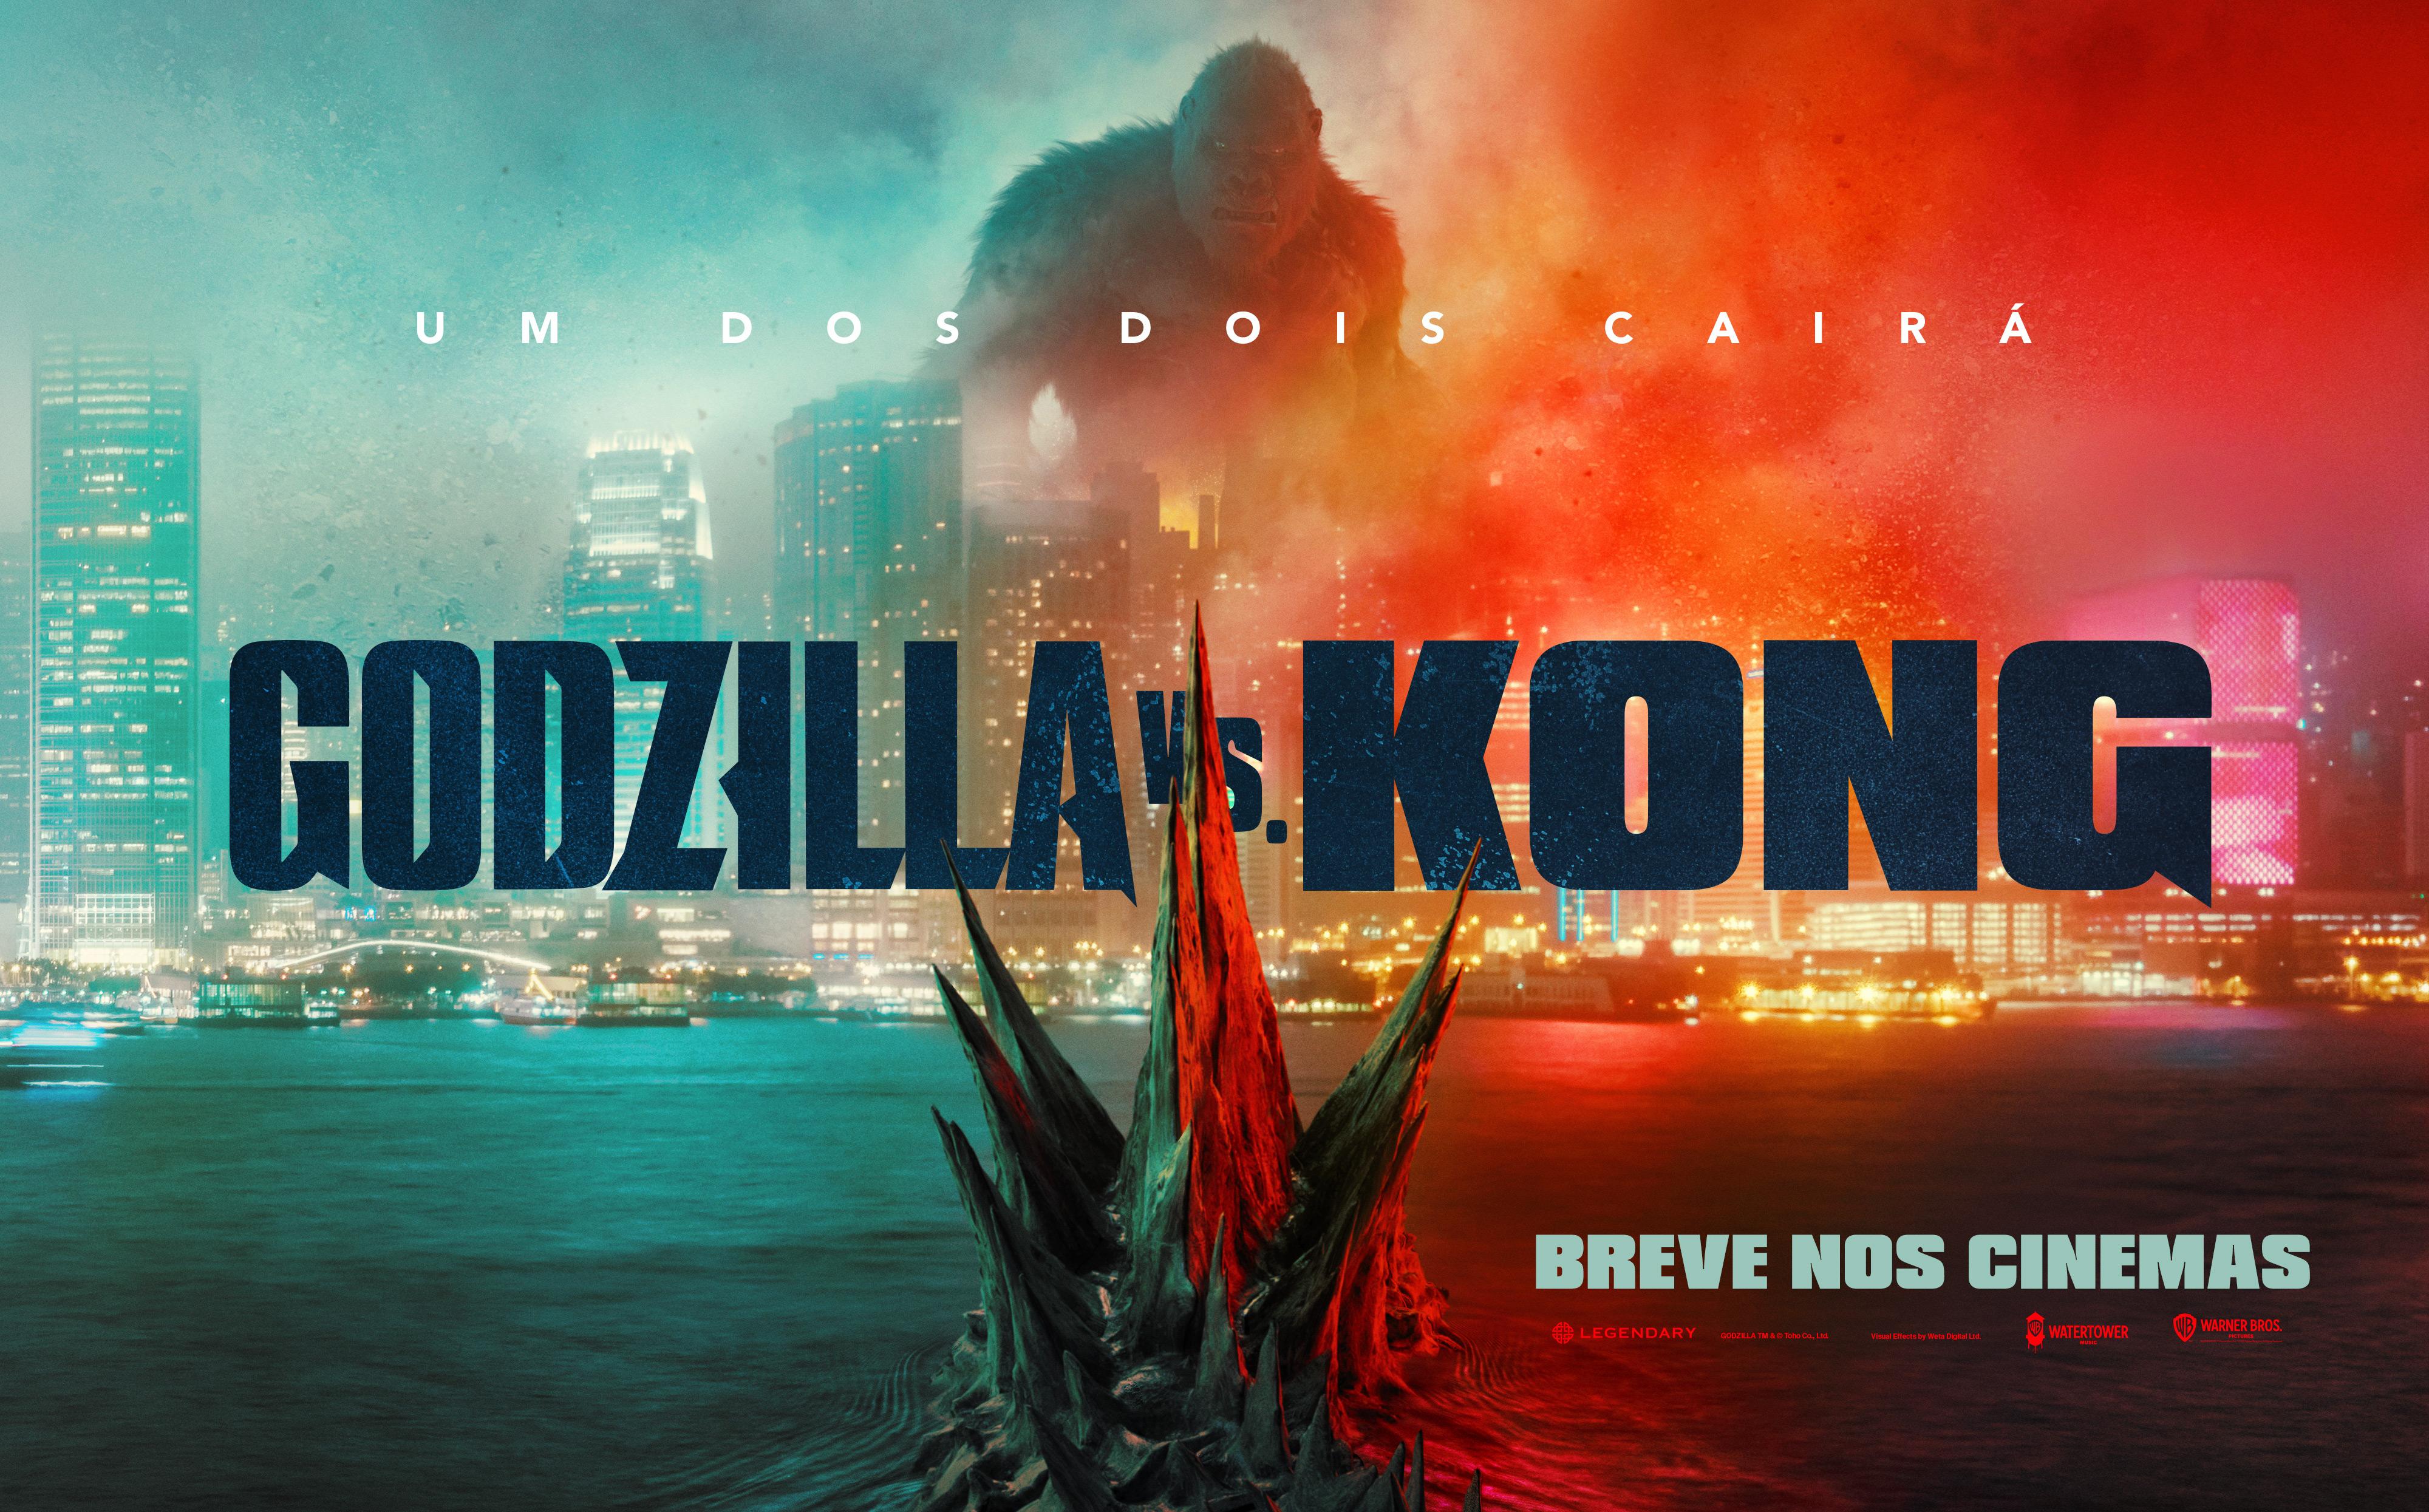 Warner | Godzilla vs. Kong recebe primeiro trailer e artes